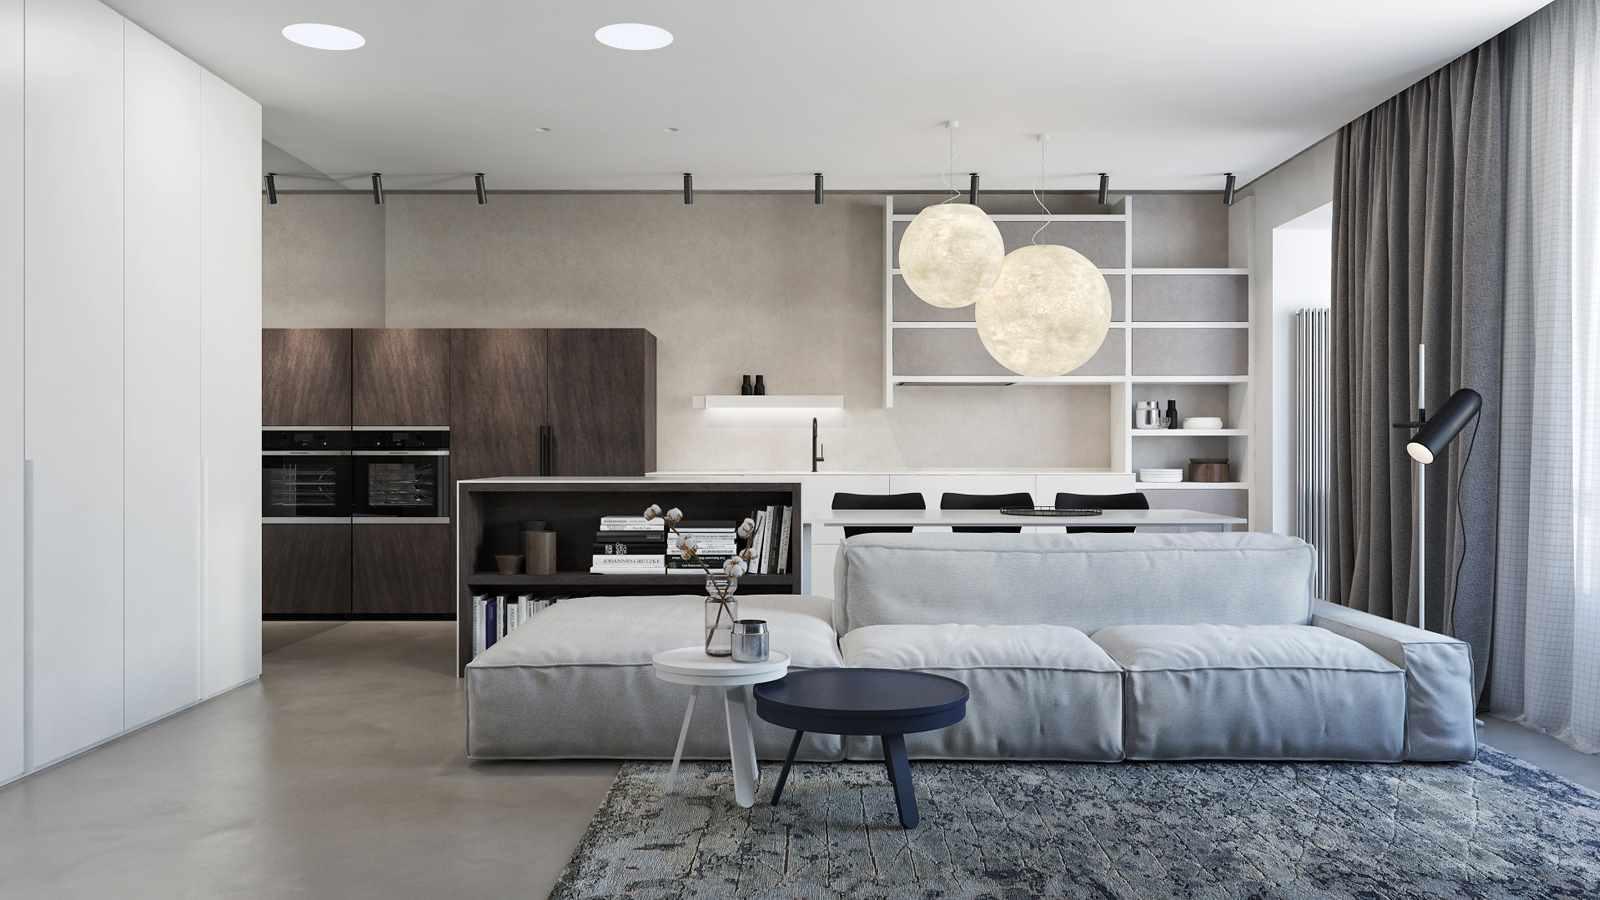 ví dụ về việc sử dụng trang trí tươi sáng của phòng khách theo phong cách tối giản